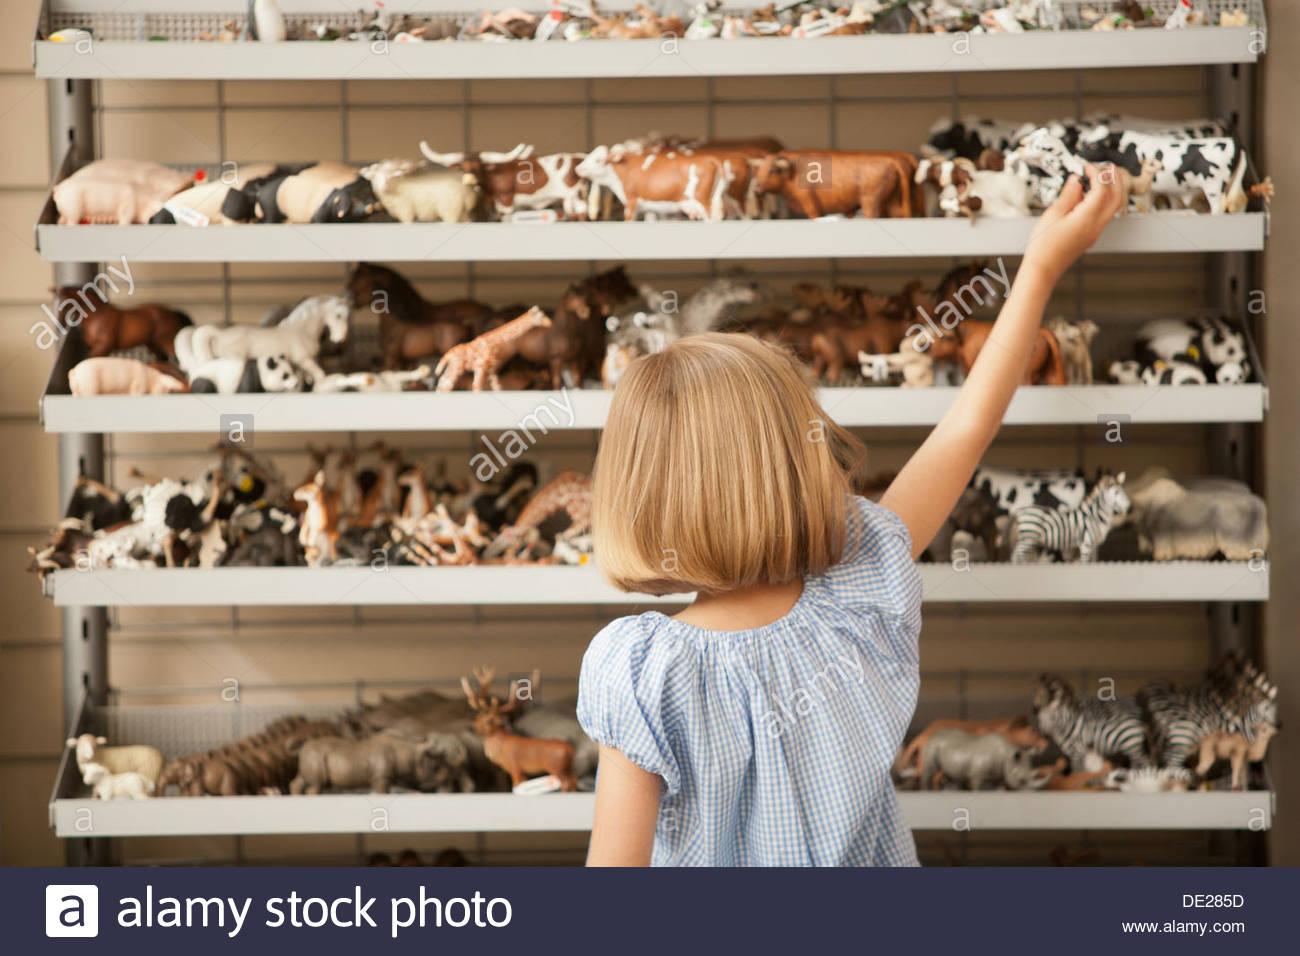 Niña alcanzando vaca de plástico en la tienda de juguetes Imagen De Stock